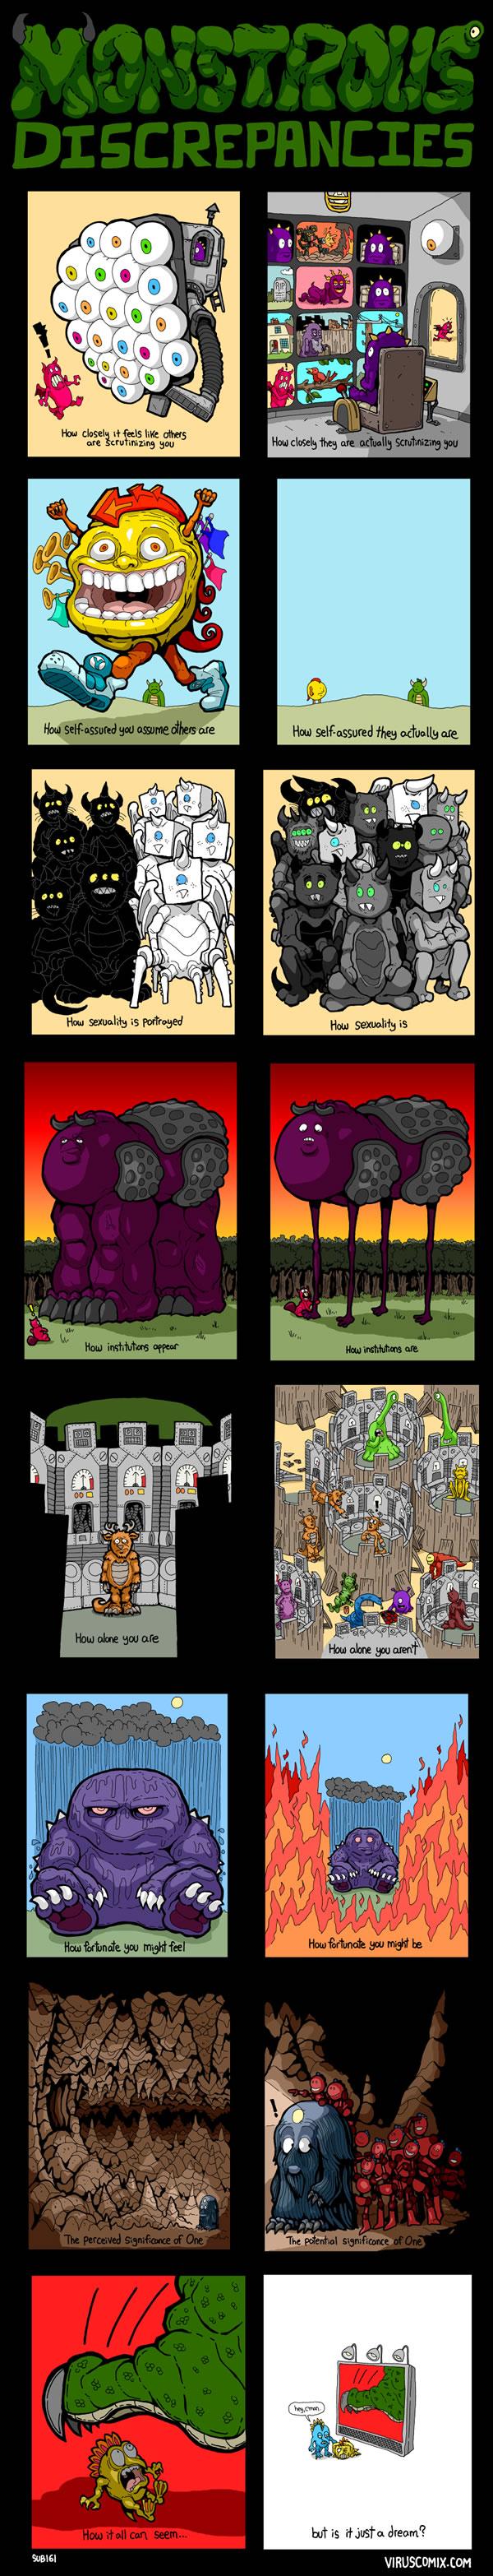 'Monstrous Discrepancies' comic